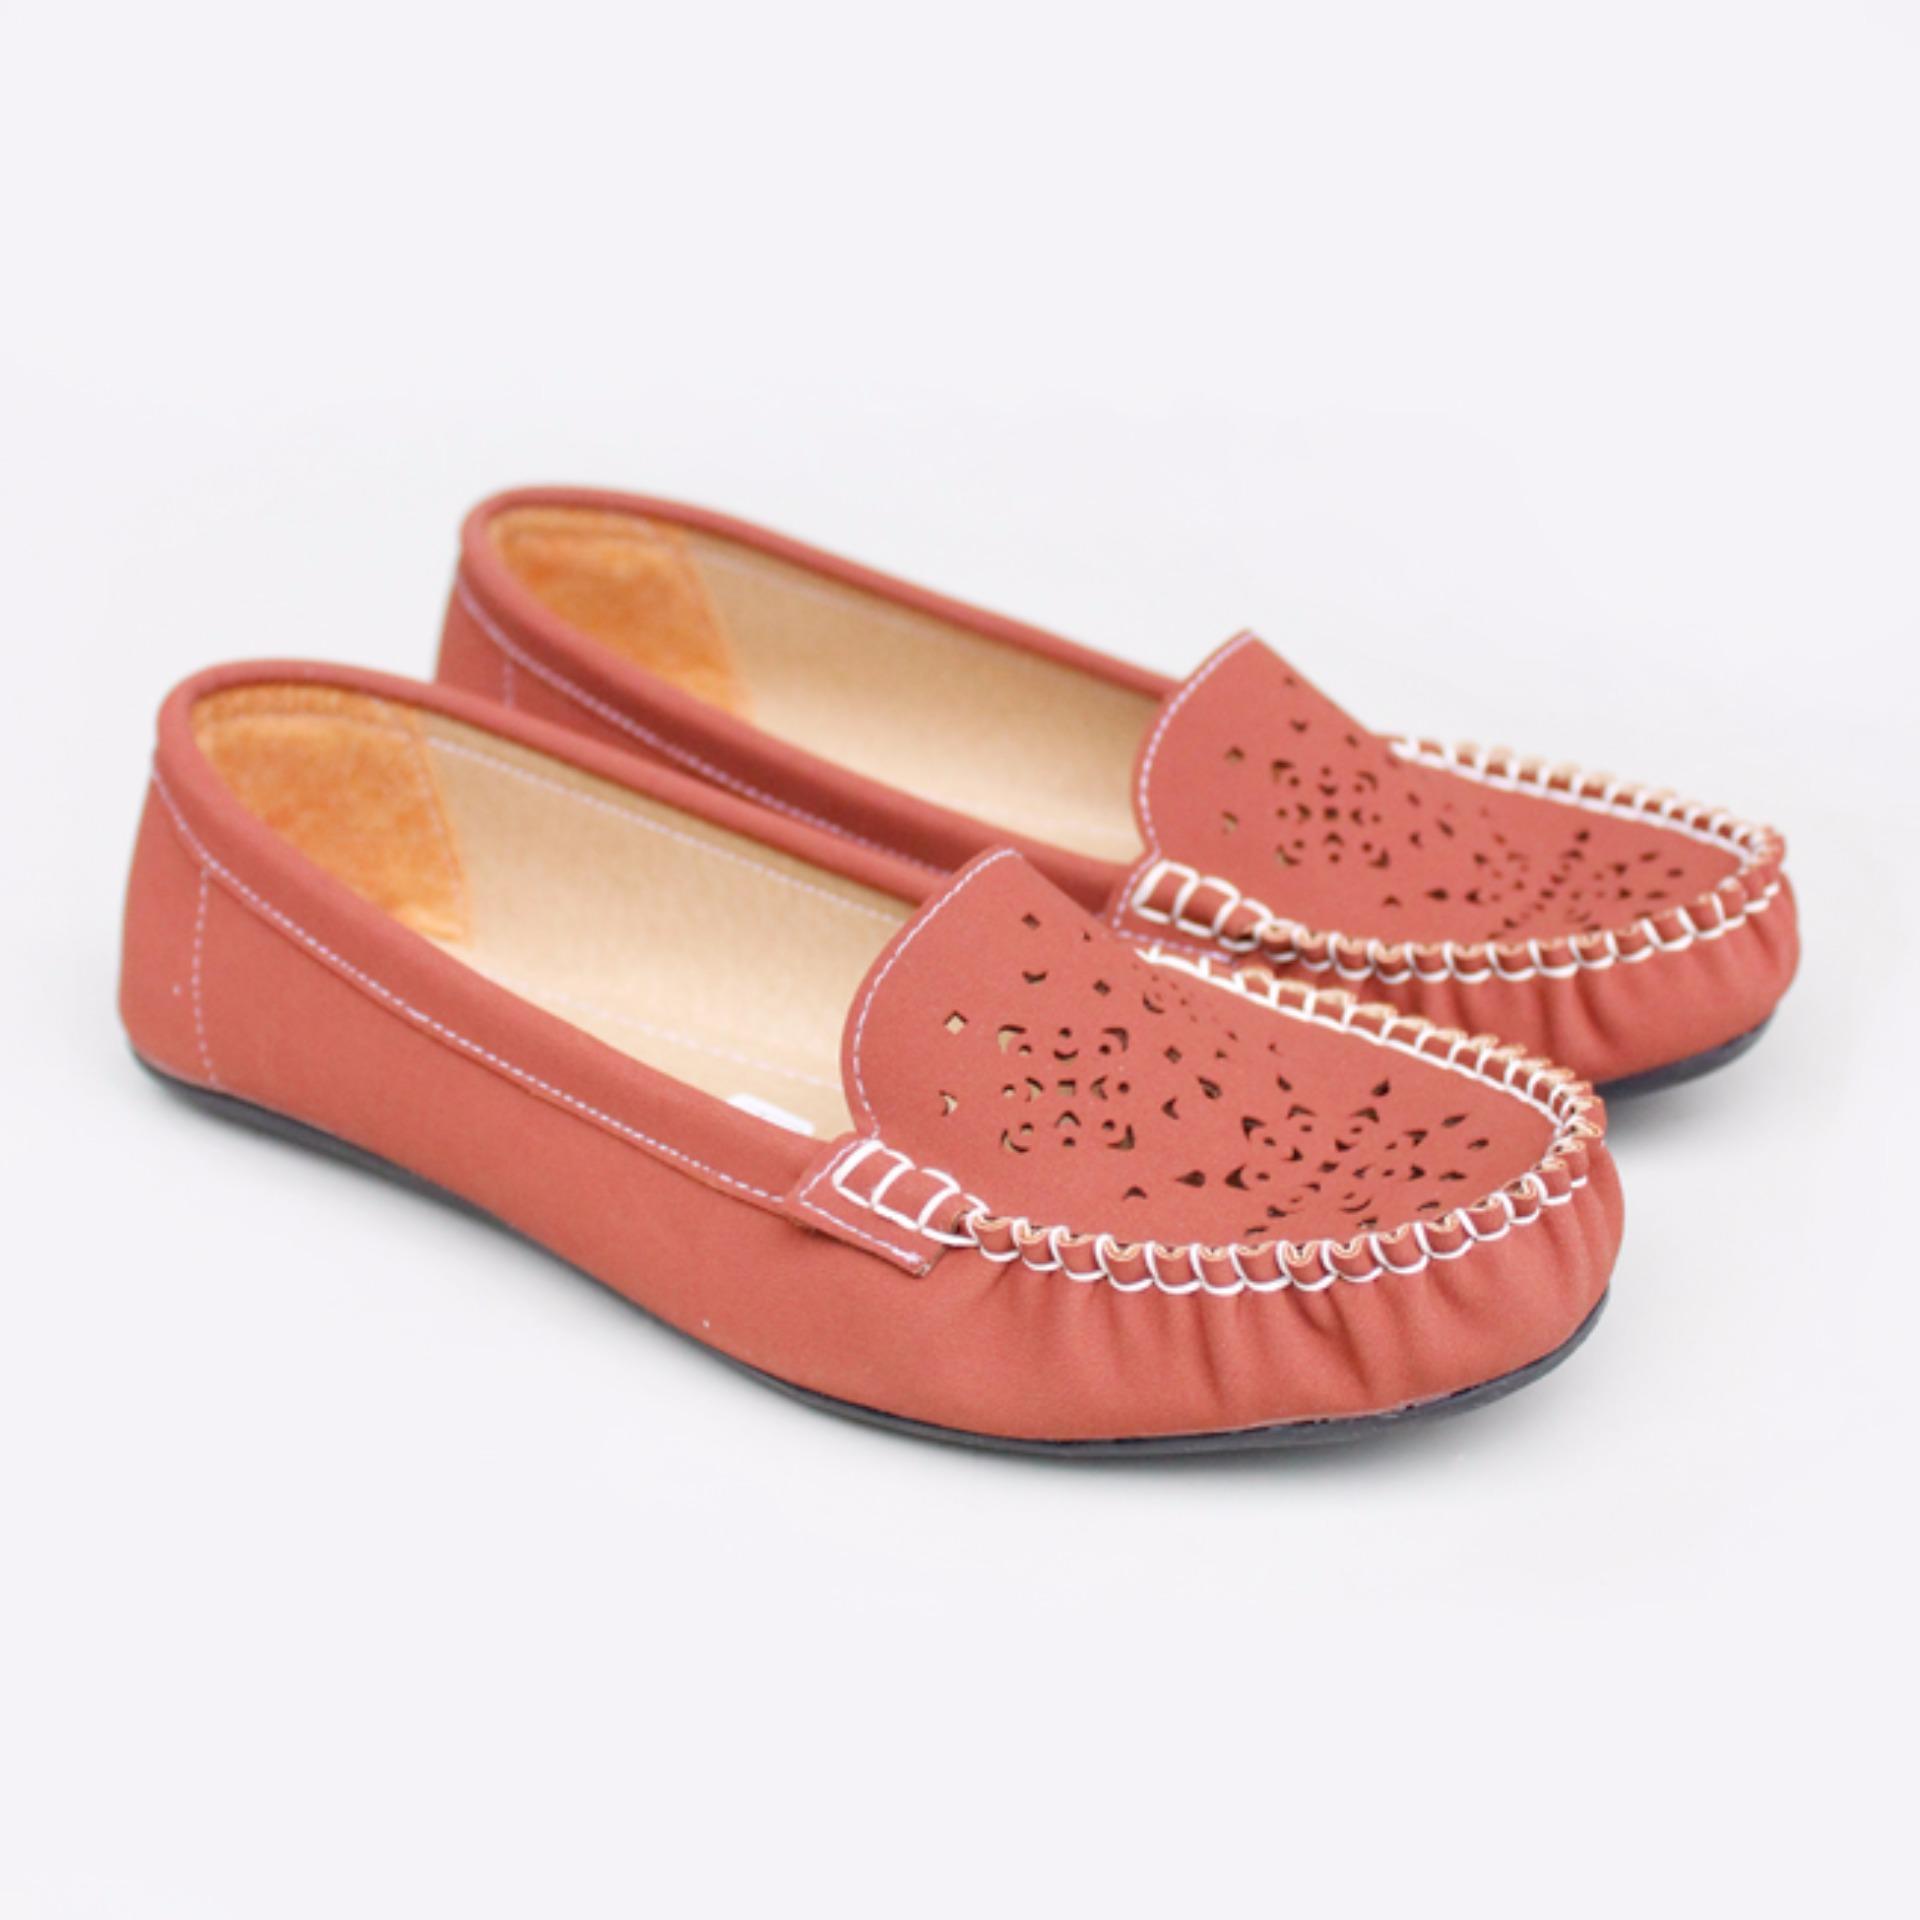 Gratica Sepatu Flat Shoes RJ55 - Bata